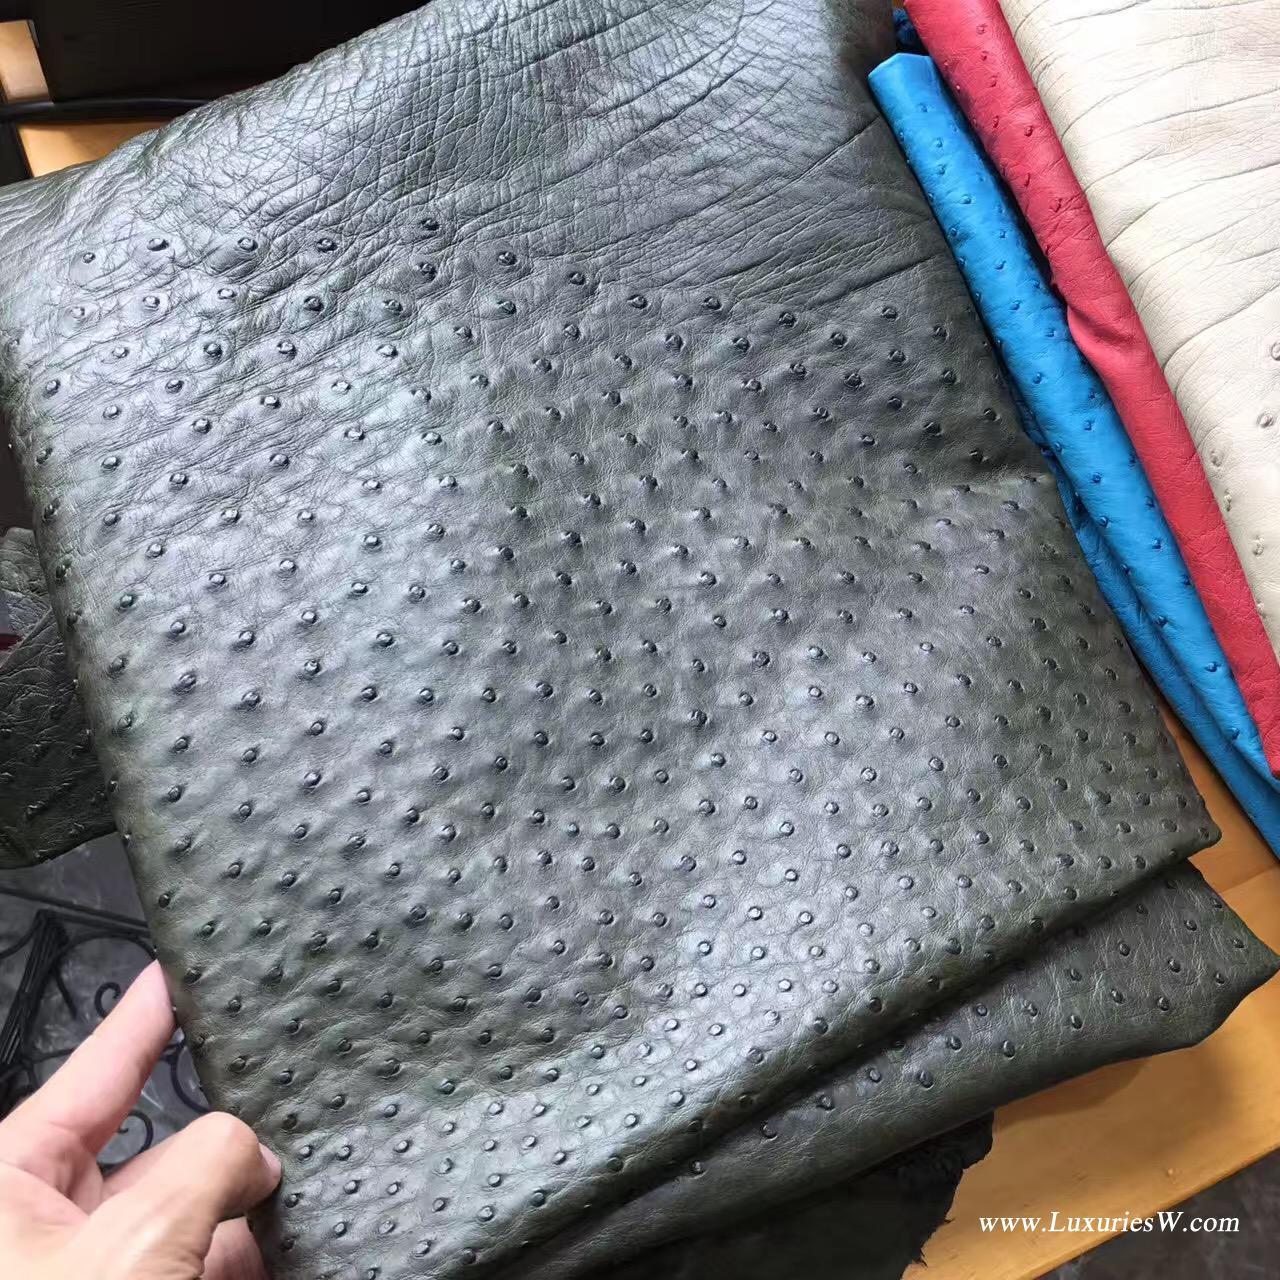 世界上最名贵优质皮革 鸵鸟皮 Hermes爱马仕 Birkin Kelly 鸵鸟皮皮革